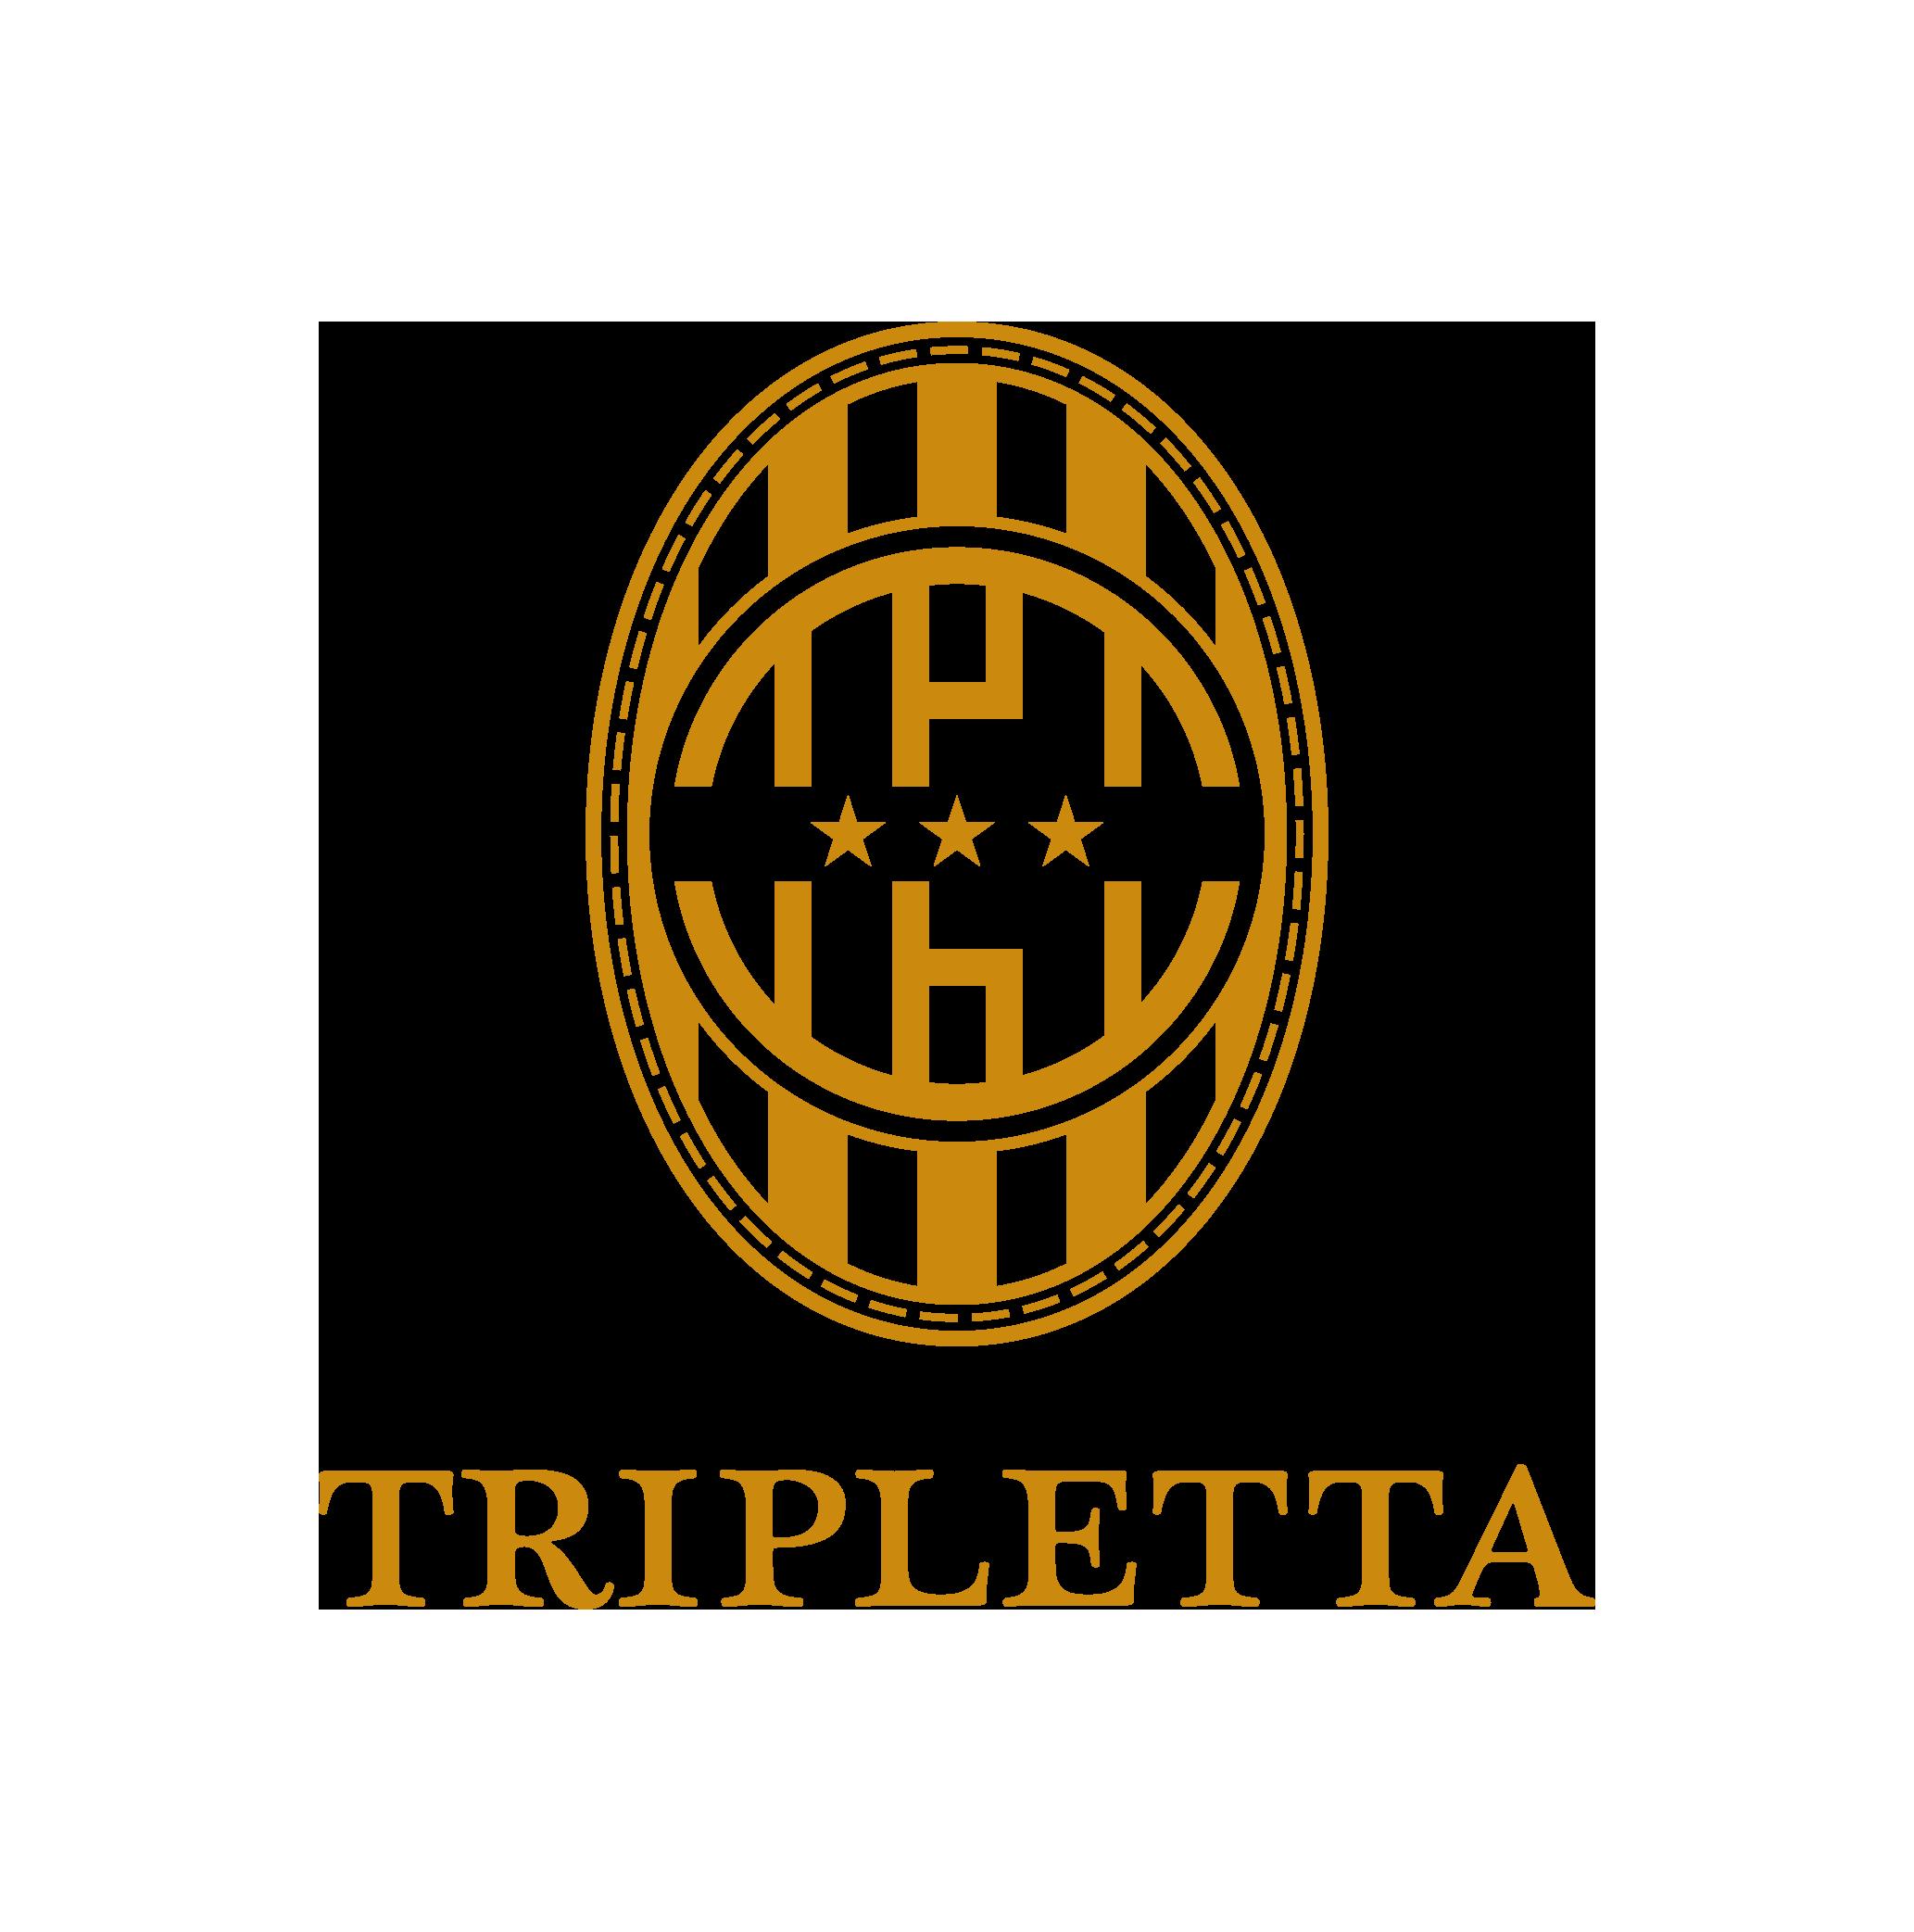 オーダースーツ 名古屋 オーダージャケットなら『トリプレッタ』